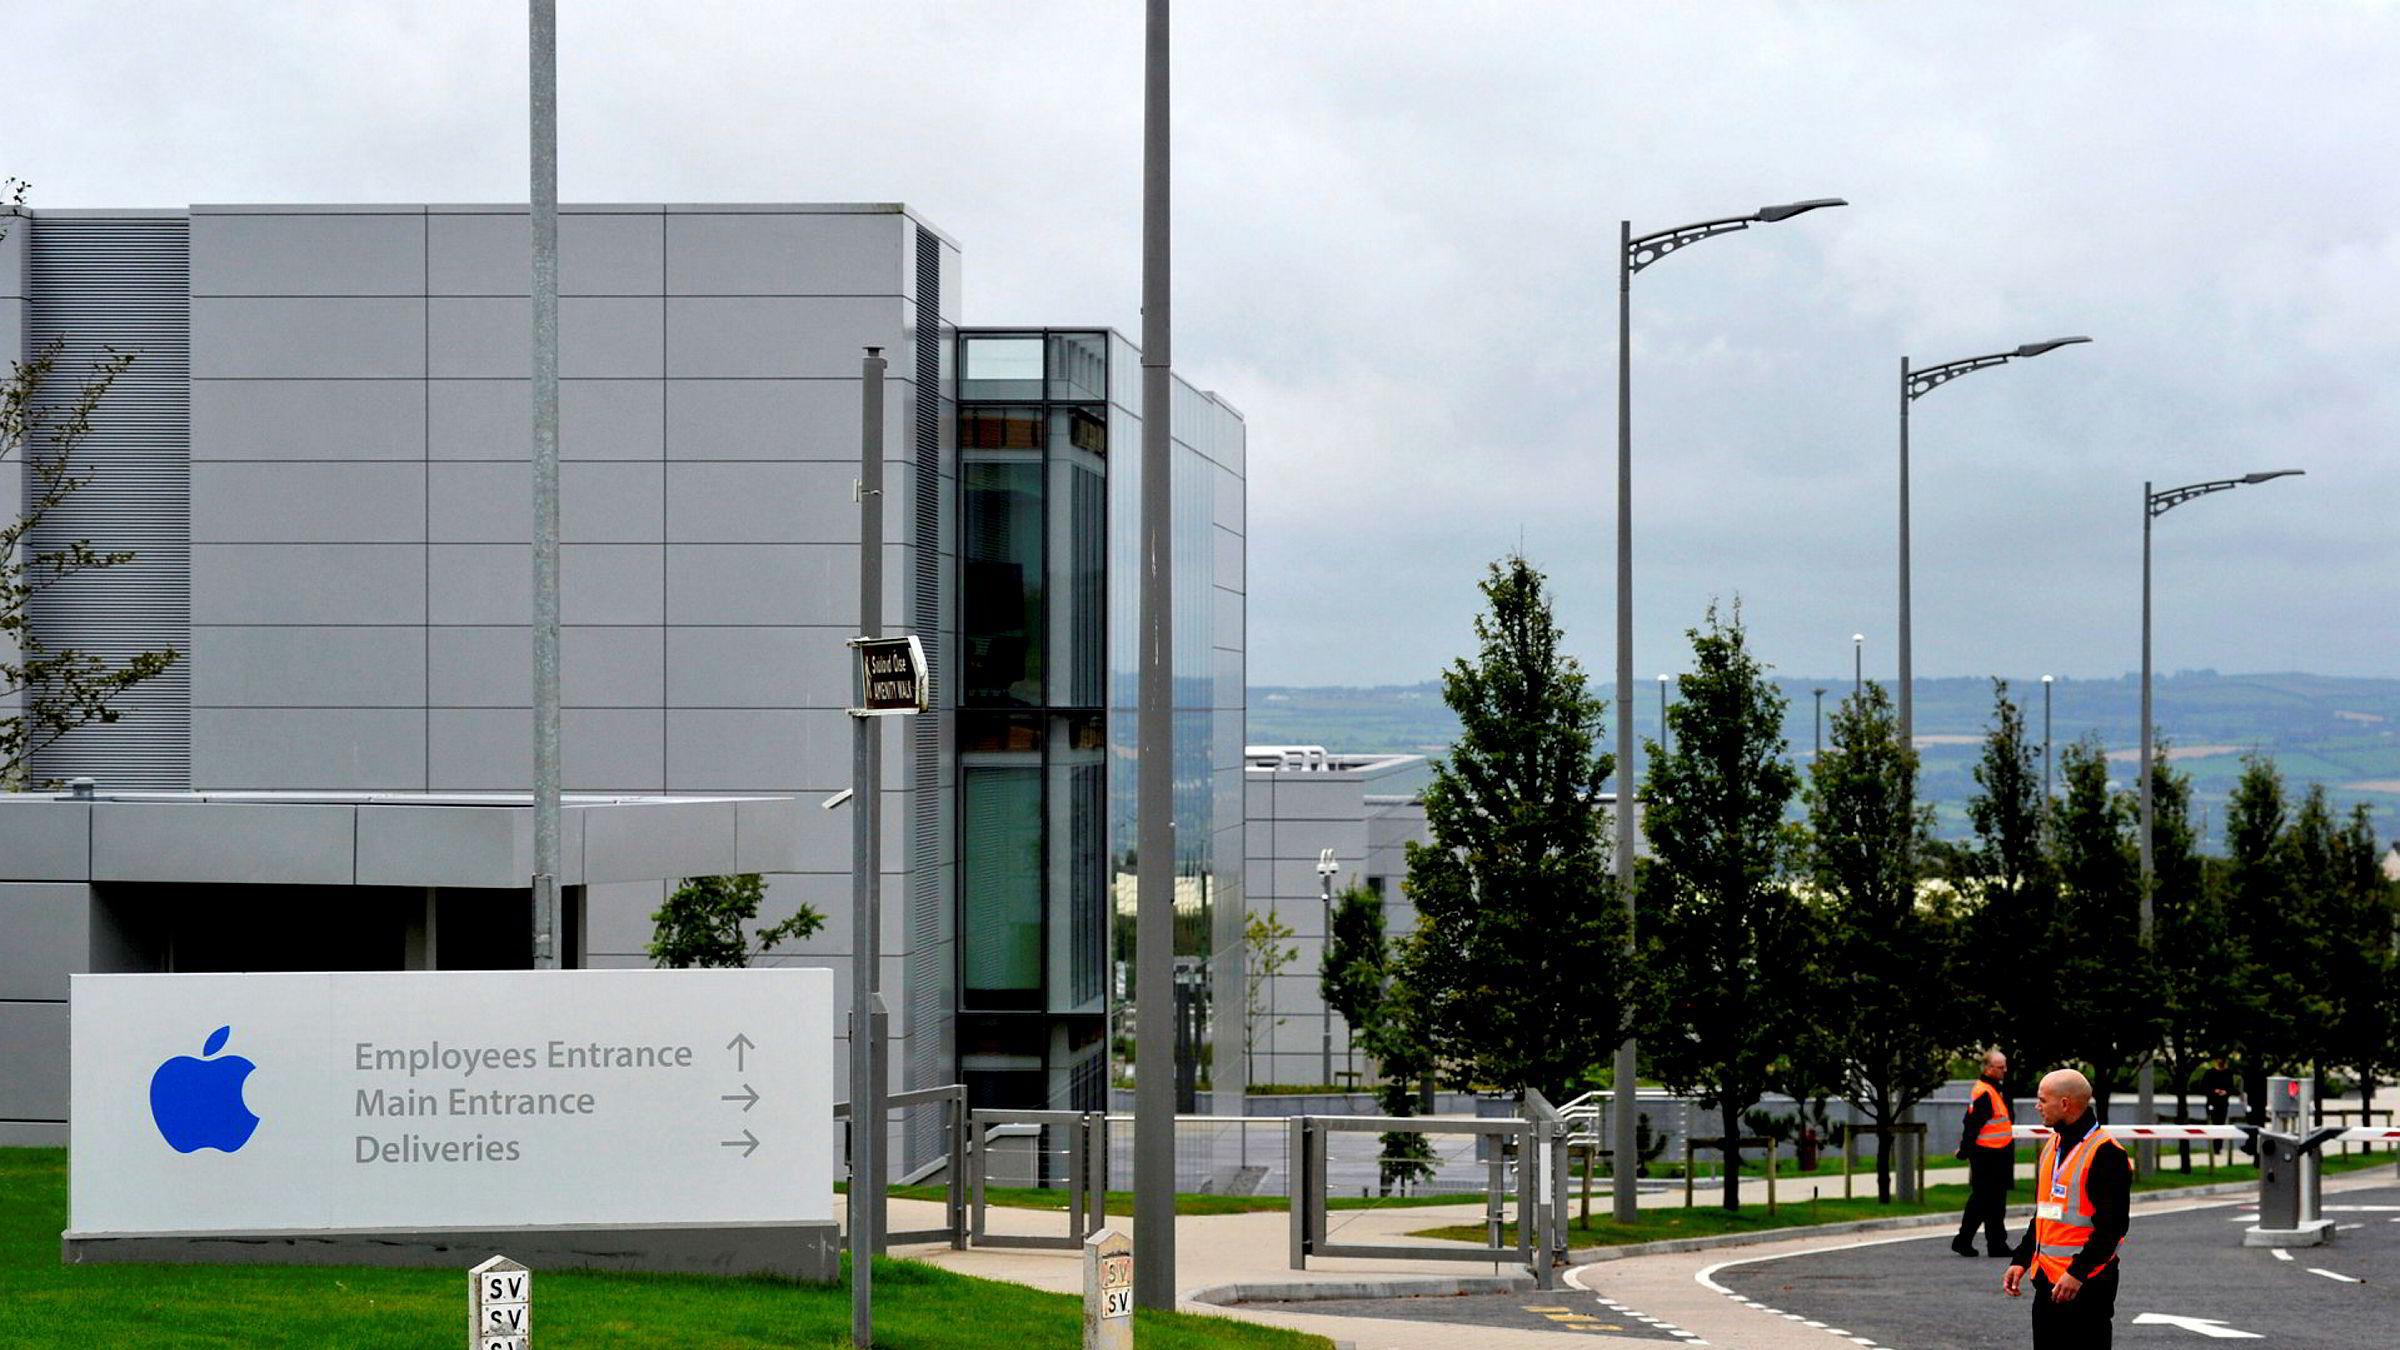 Irske myndigheter har nektet å kreve tilbake pengene fra Apple, og Europakommisjonen besluttet derfor i oktober å ta saken til EU-domstolen.